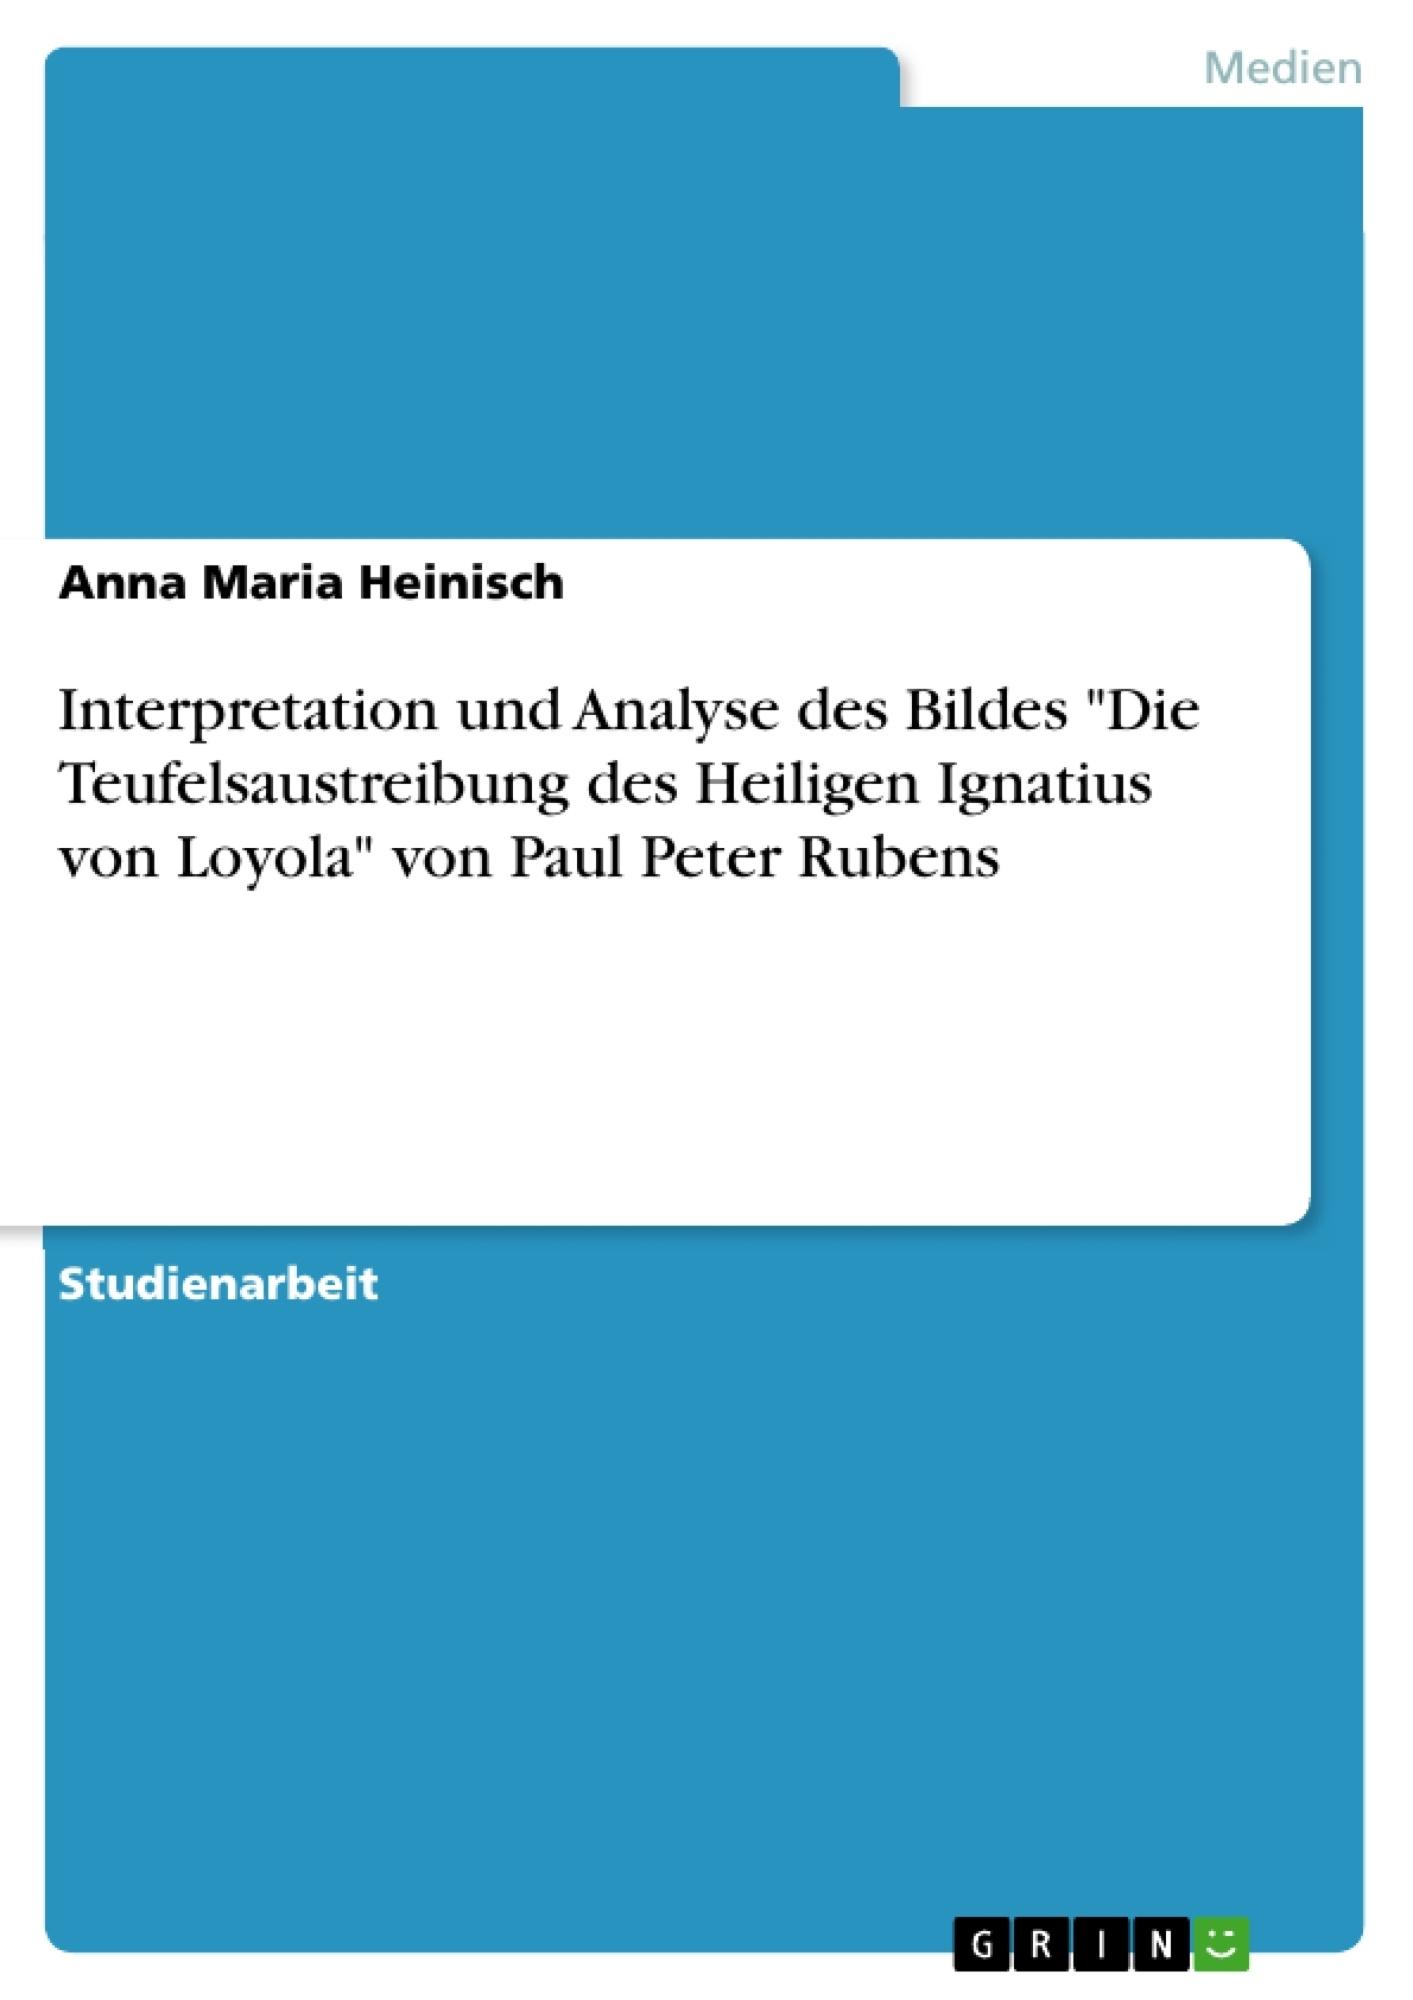 """Titel: Interpretation und Analyse des Bildes """"Die Teufelsaustreibung des Heiligen Ignatius von Loyola""""  von Paul Peter Rubens"""